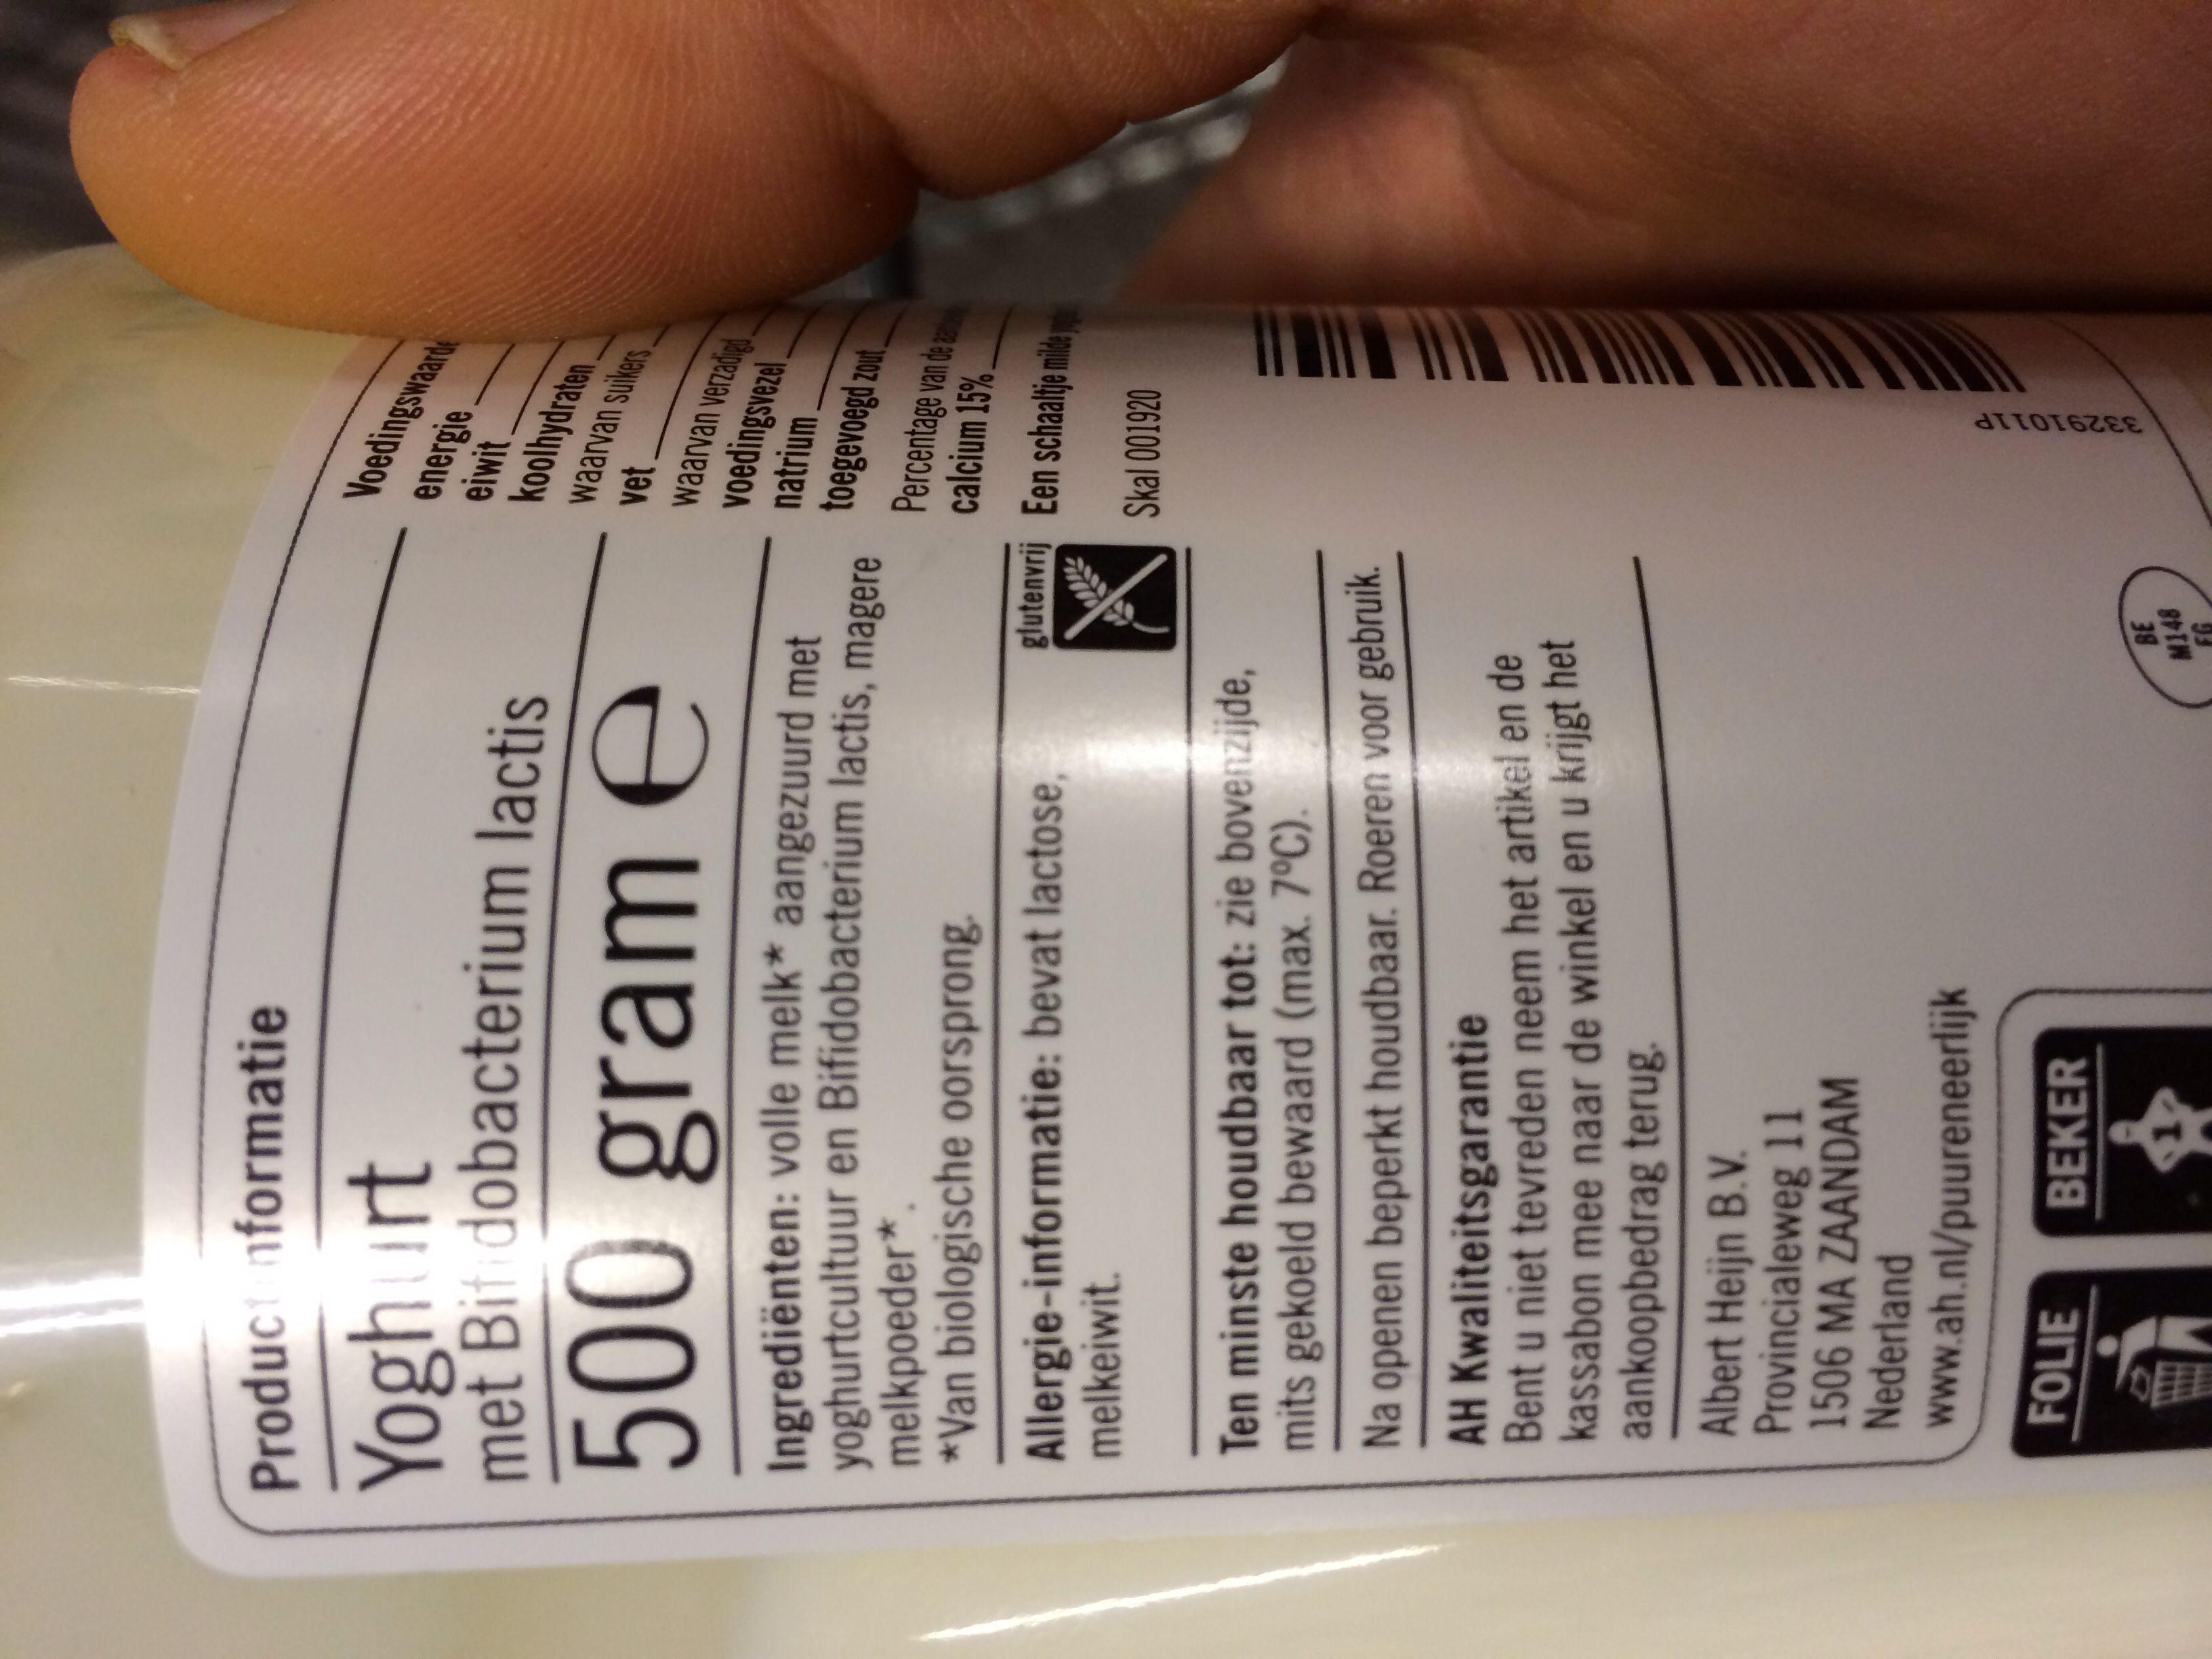 Volle Yoghurt AH - Ingredients